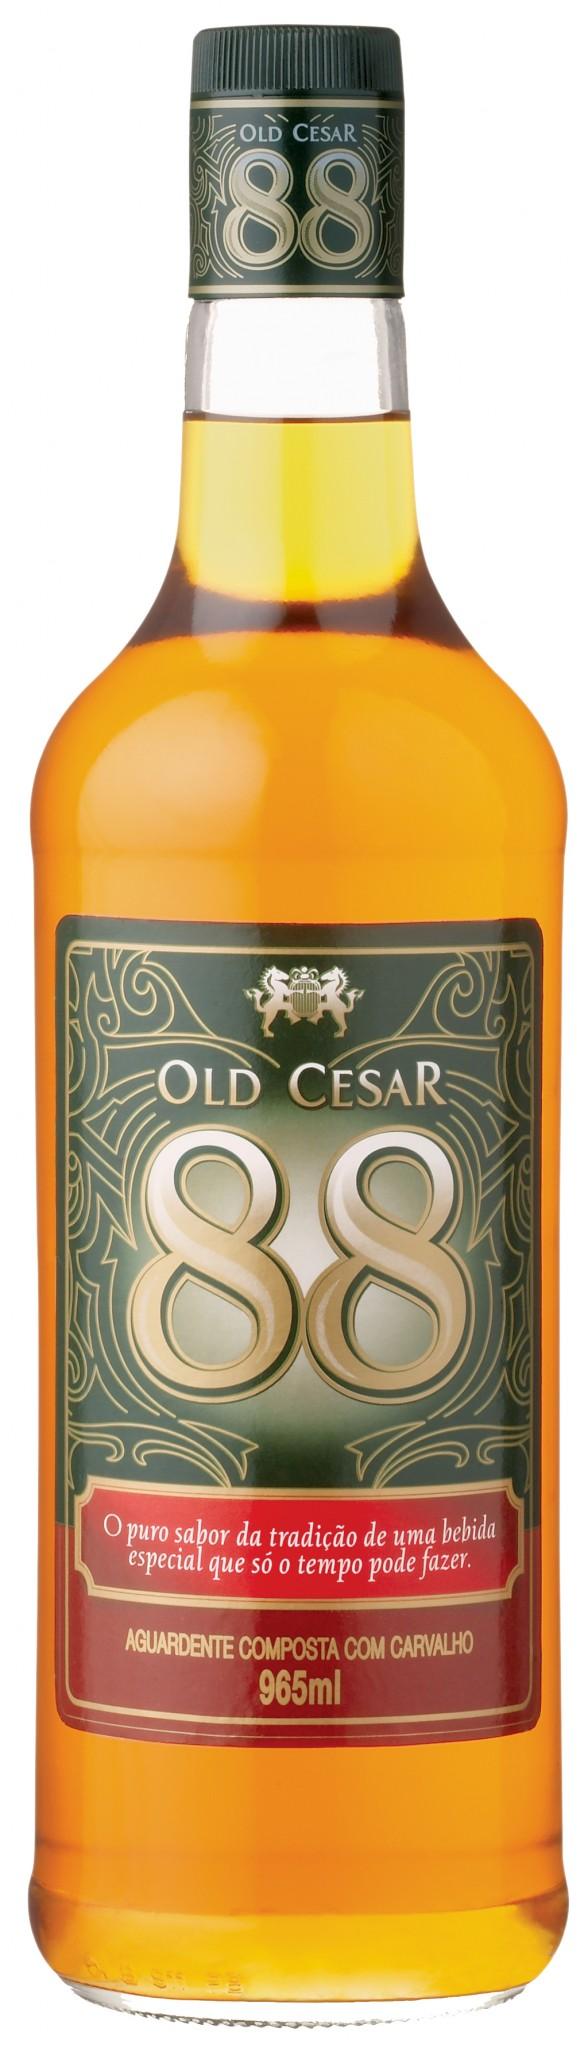 old-cesar-aguardente-de-cana-com-sabor-de-carvalho